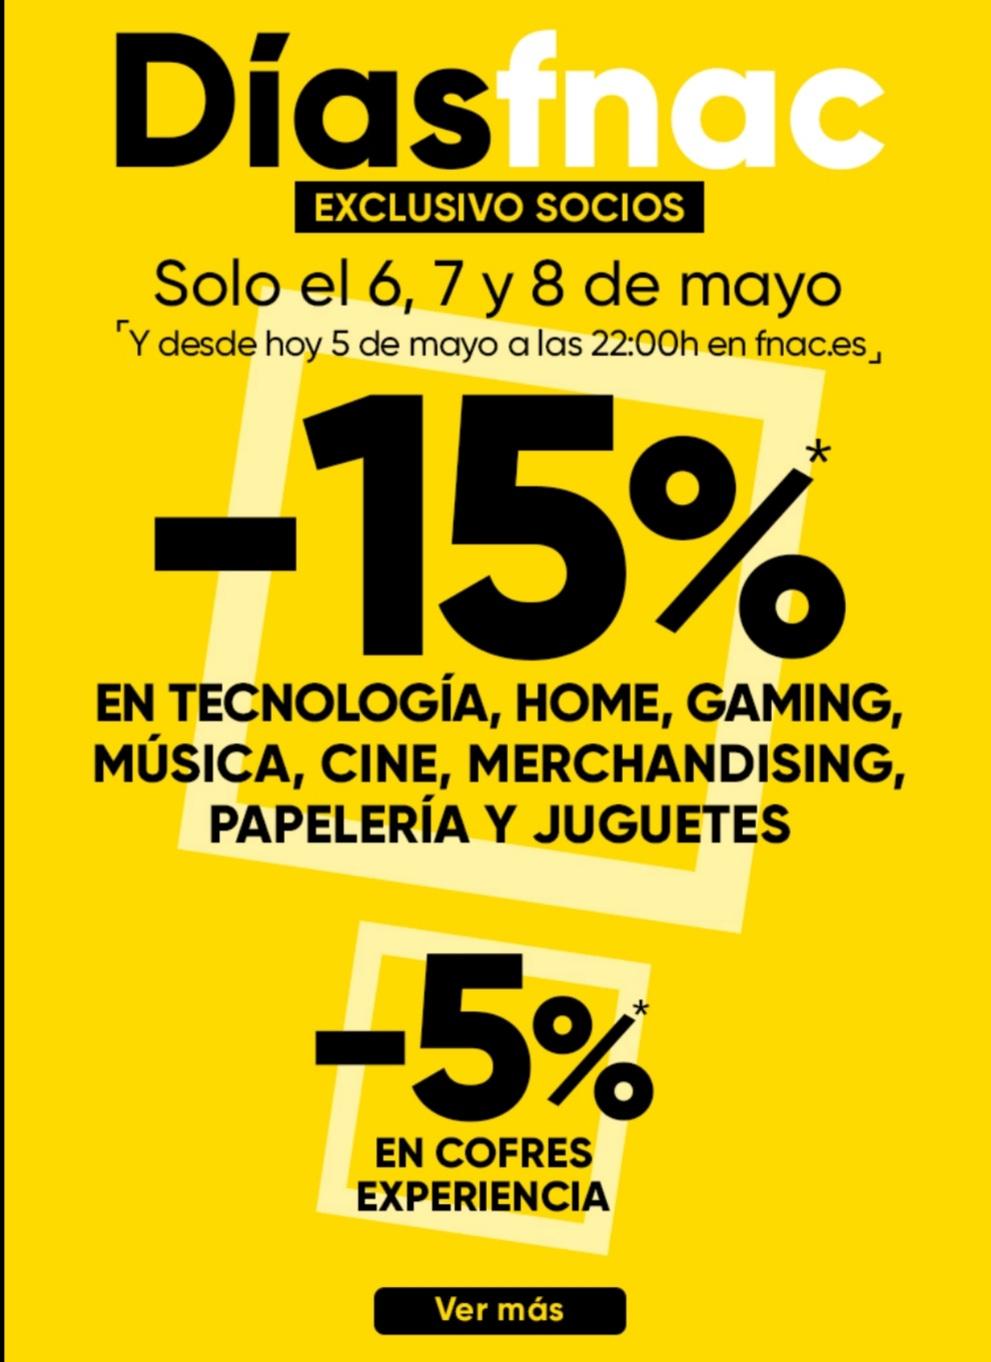 Días del socio en Fnac con el 15% de descuento en varias secciones del 5 al 8 de mayo